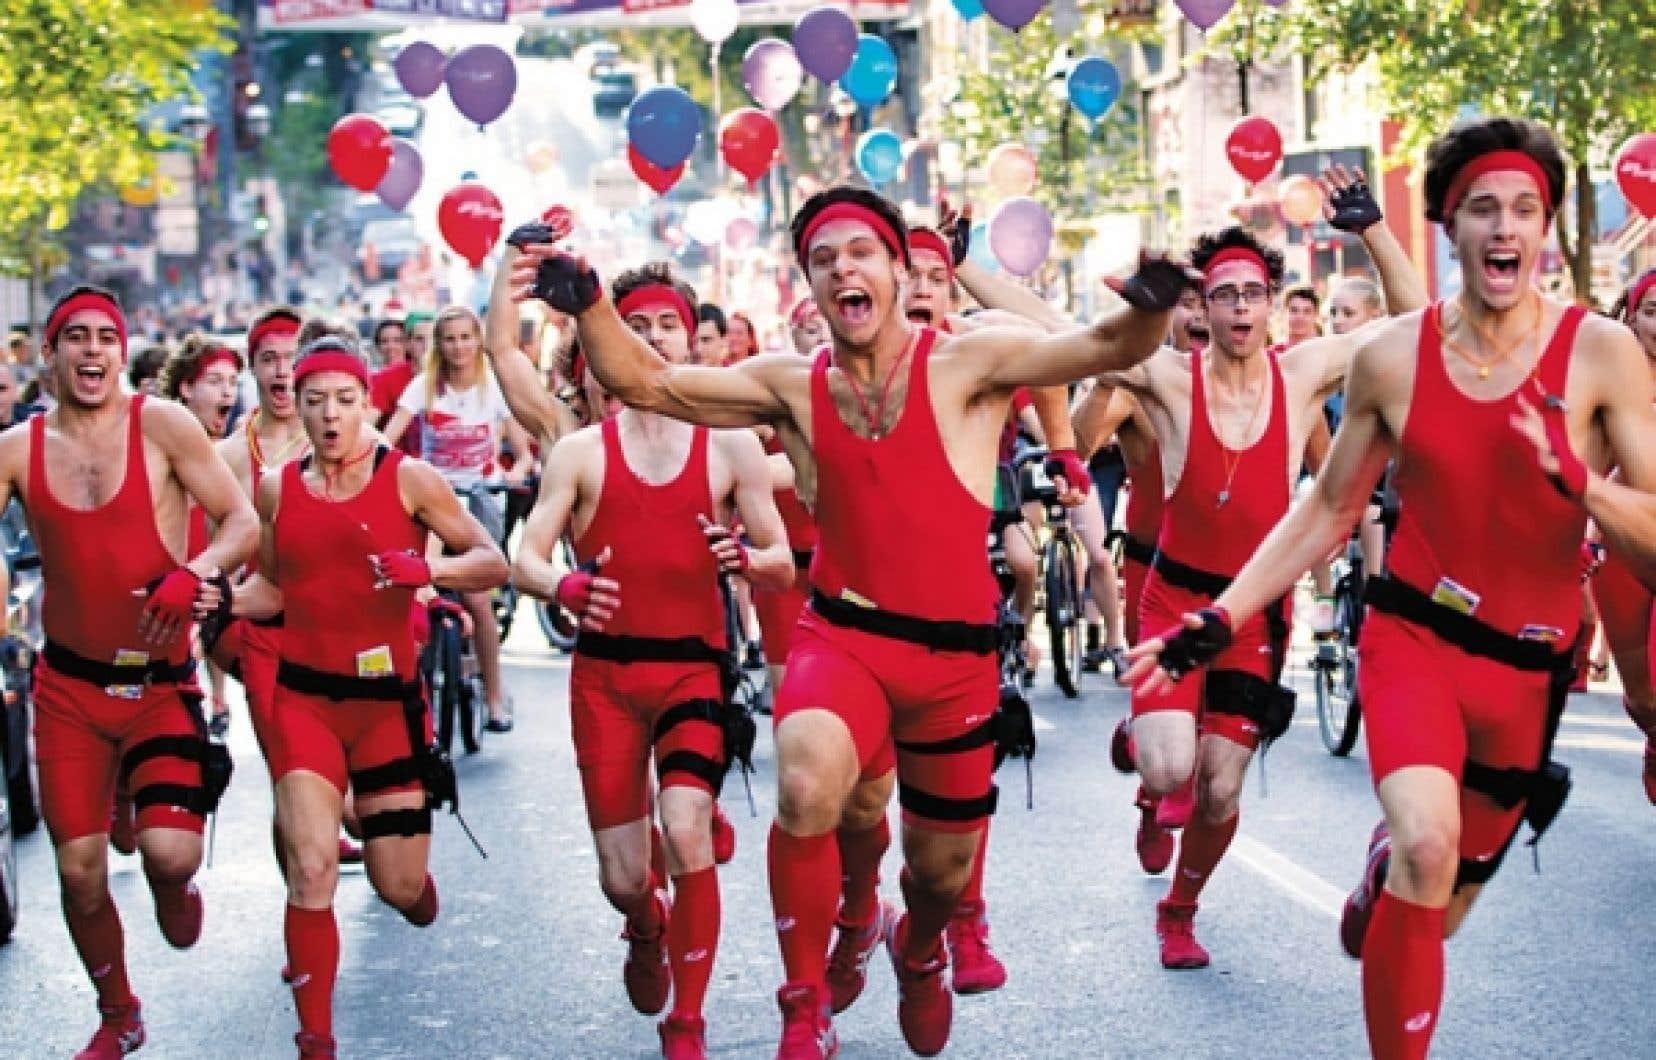 À l'occasion du lancement de Montréal complètement cirque, 40 acrobates, vêtus de rouge de pied en cap, ont pris d'assaut la rue Saint-Denis et la place Émilie-Gamelin pour culbuter au sol et pirouetter au bout de tissus aériens, portés aux nues par leurs compères. Le spectacle Jeu de cirque sera présenté chaque soir à 18 h 30 et à 21 h 30 à la place Émilie-Gamelin jusqu'au 15 juillet.